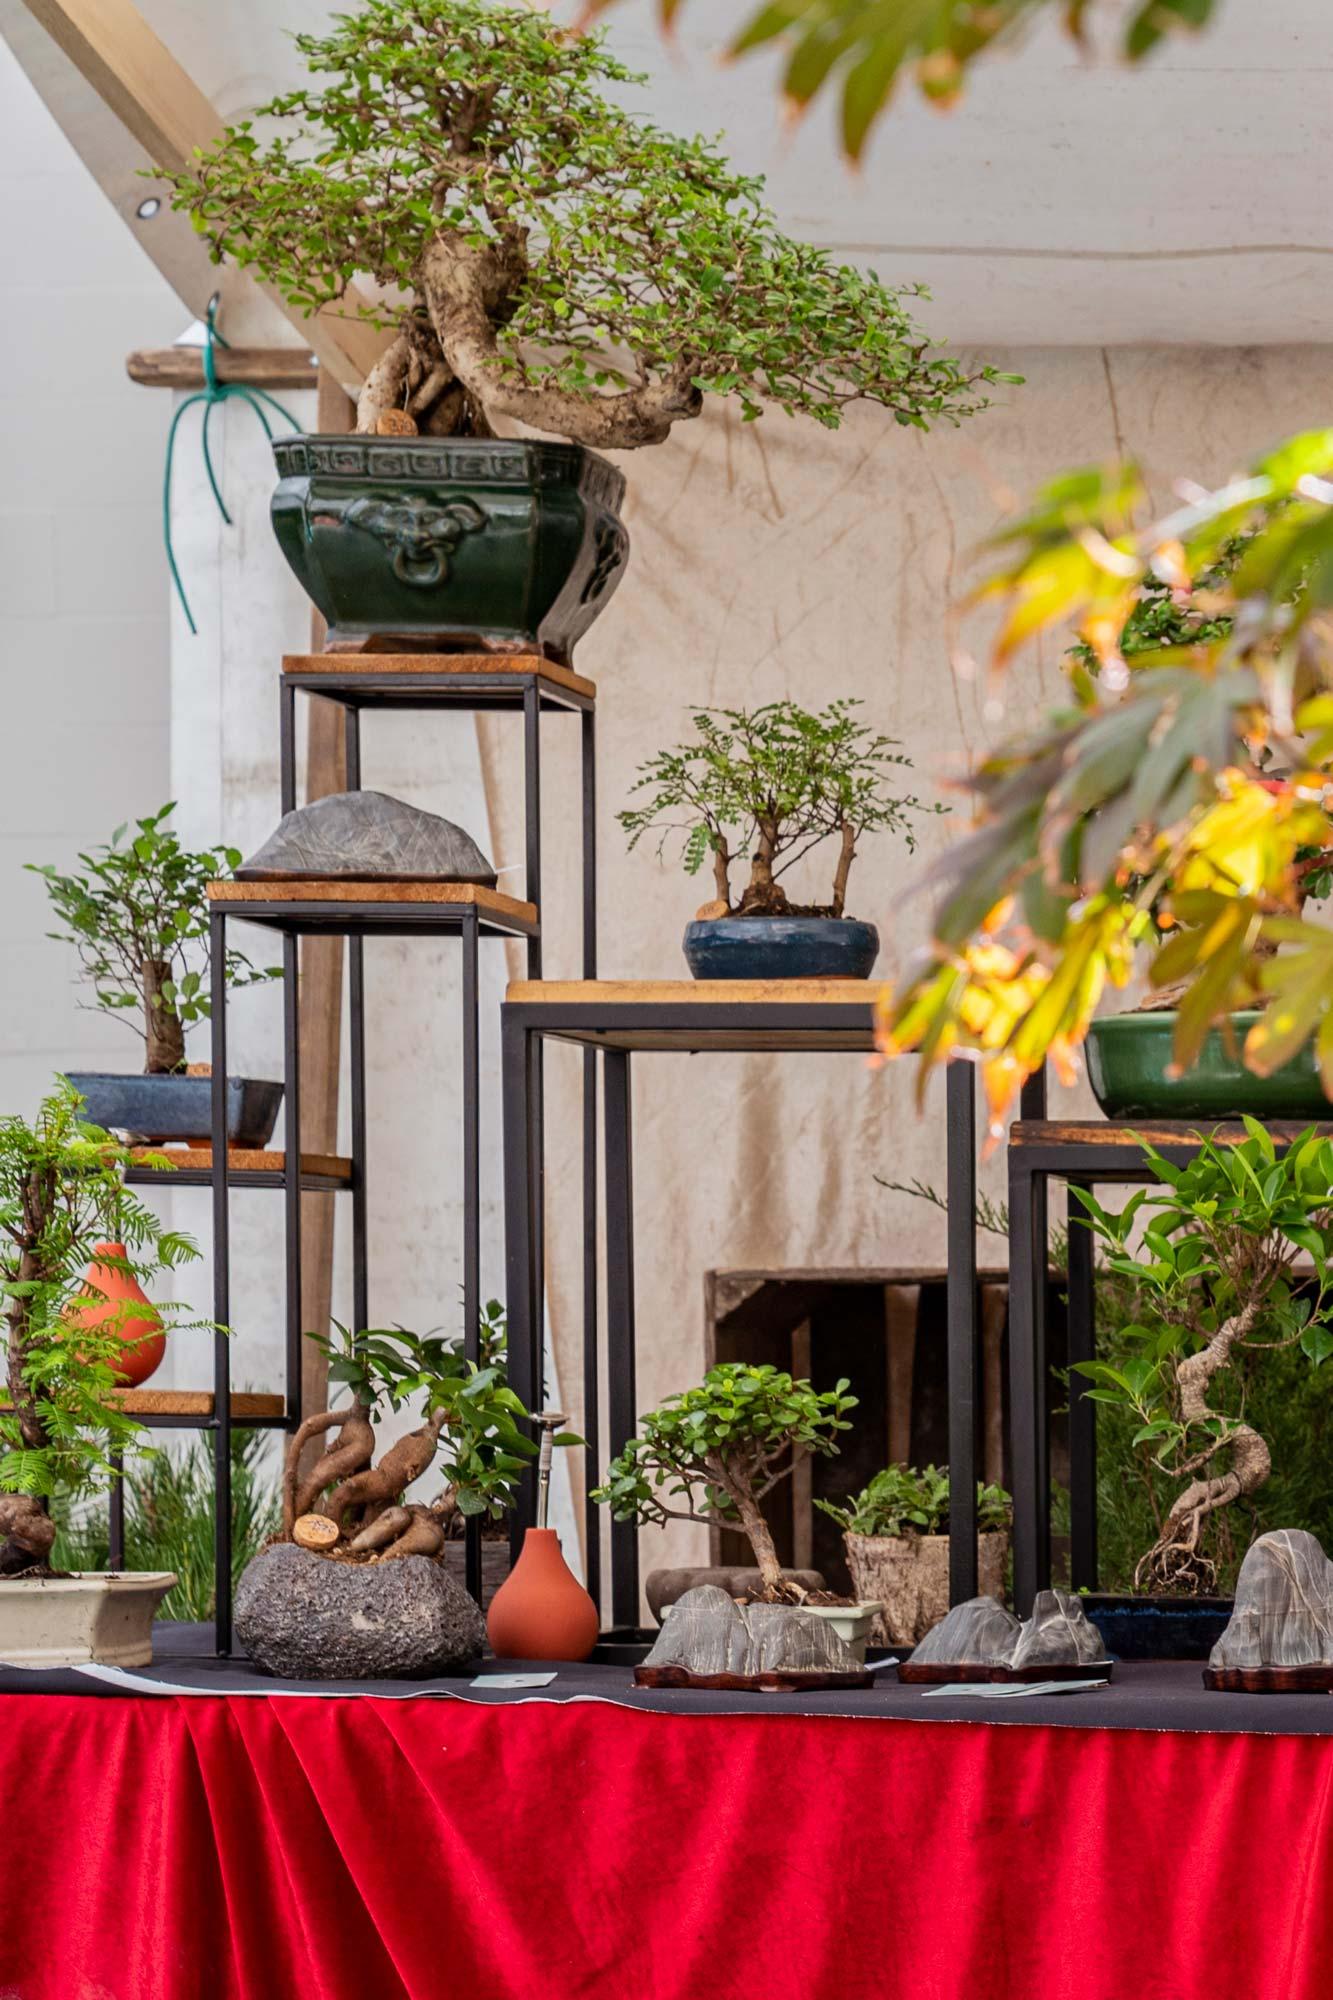 Bonsai trees at Green Days